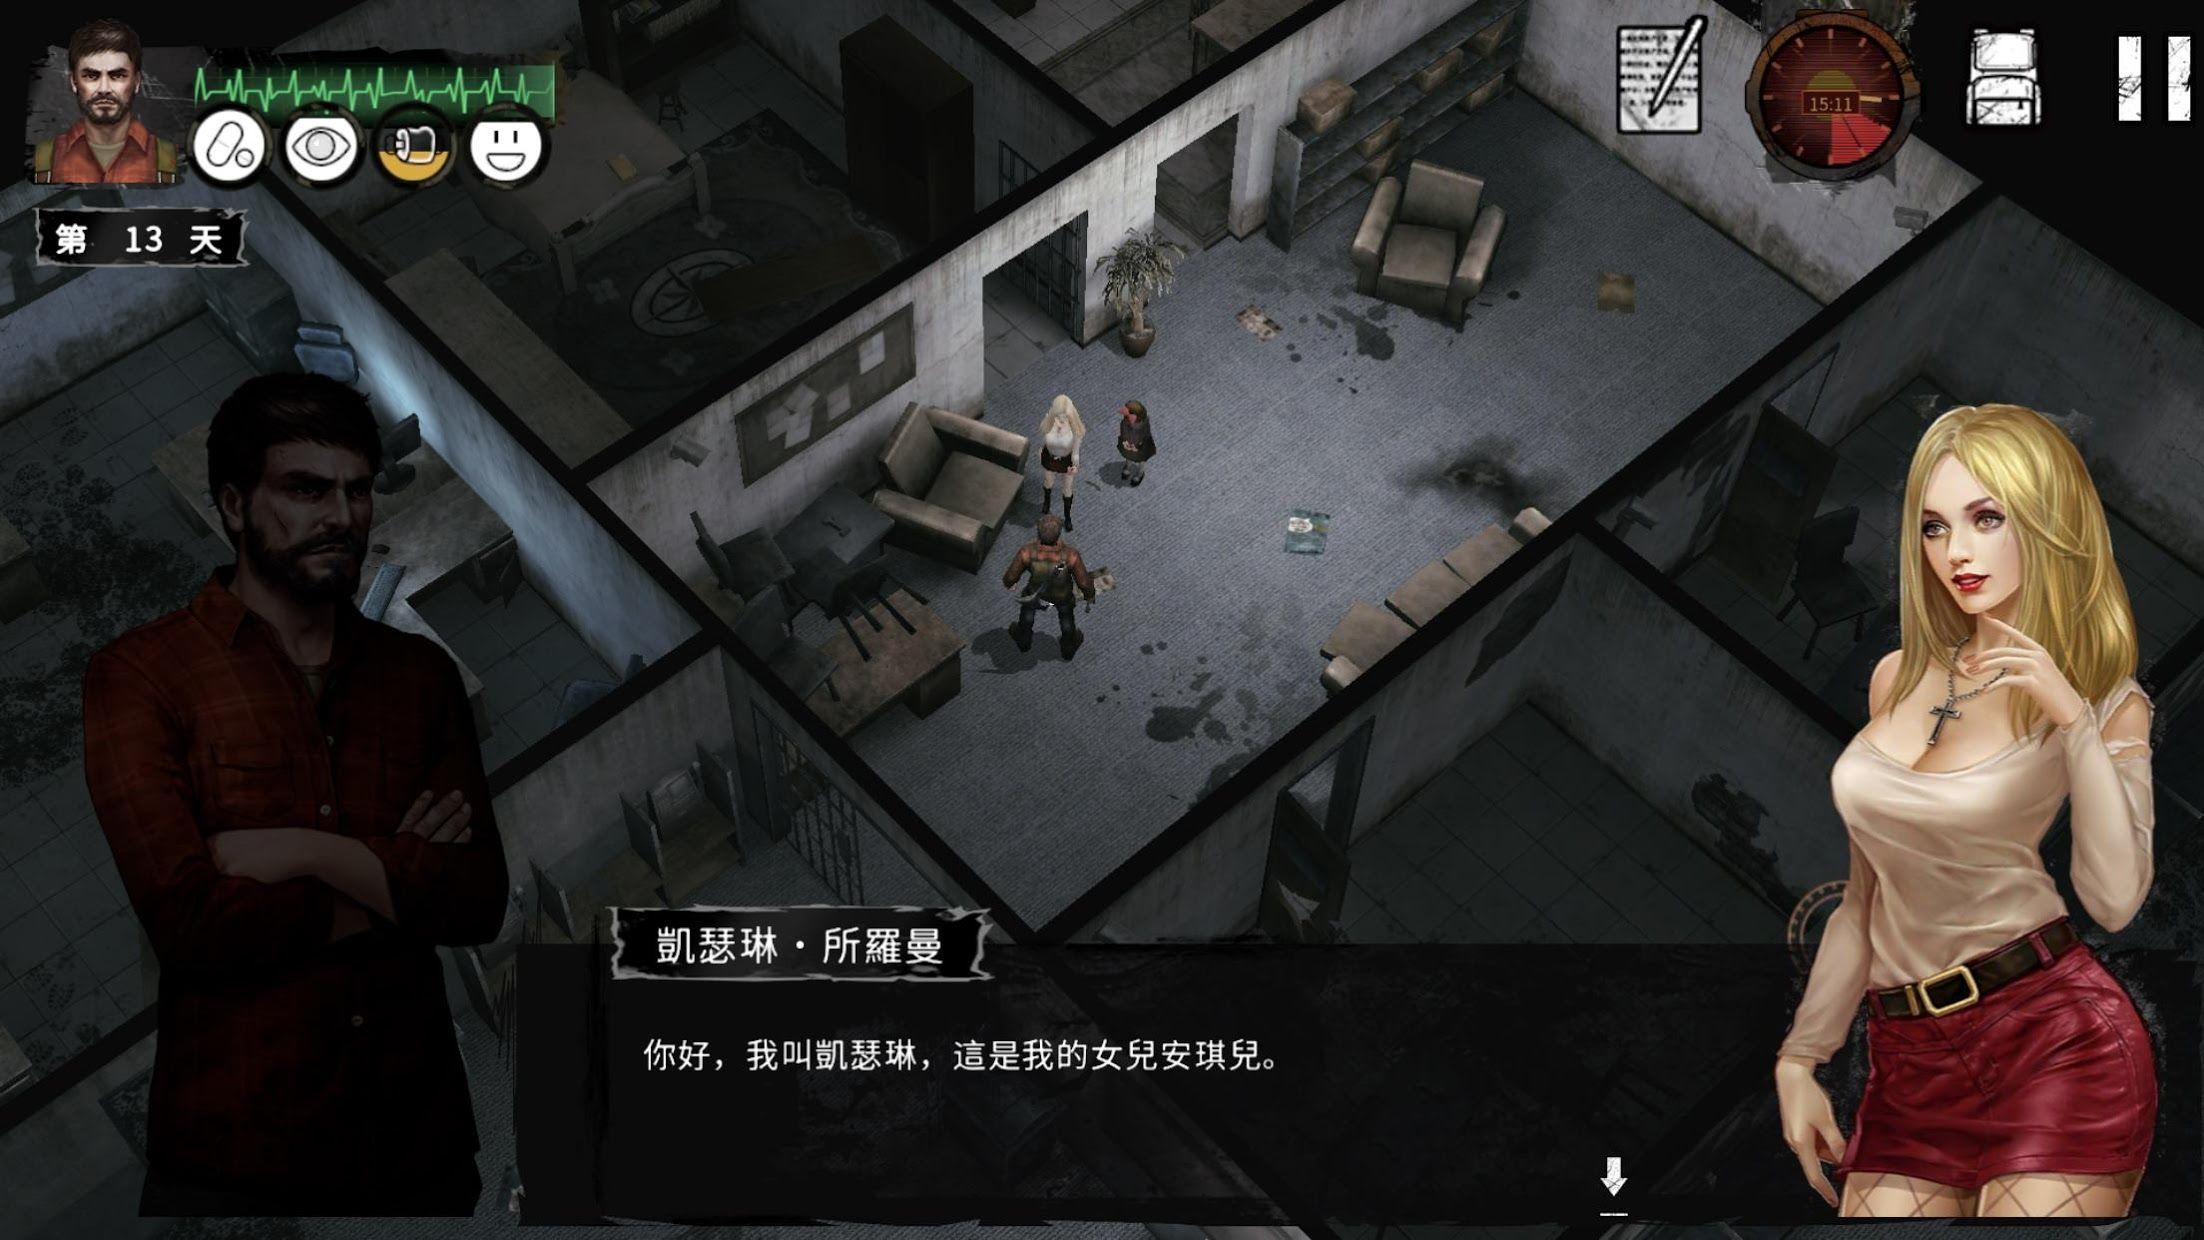 末日方舟: 生存 游戏截图1